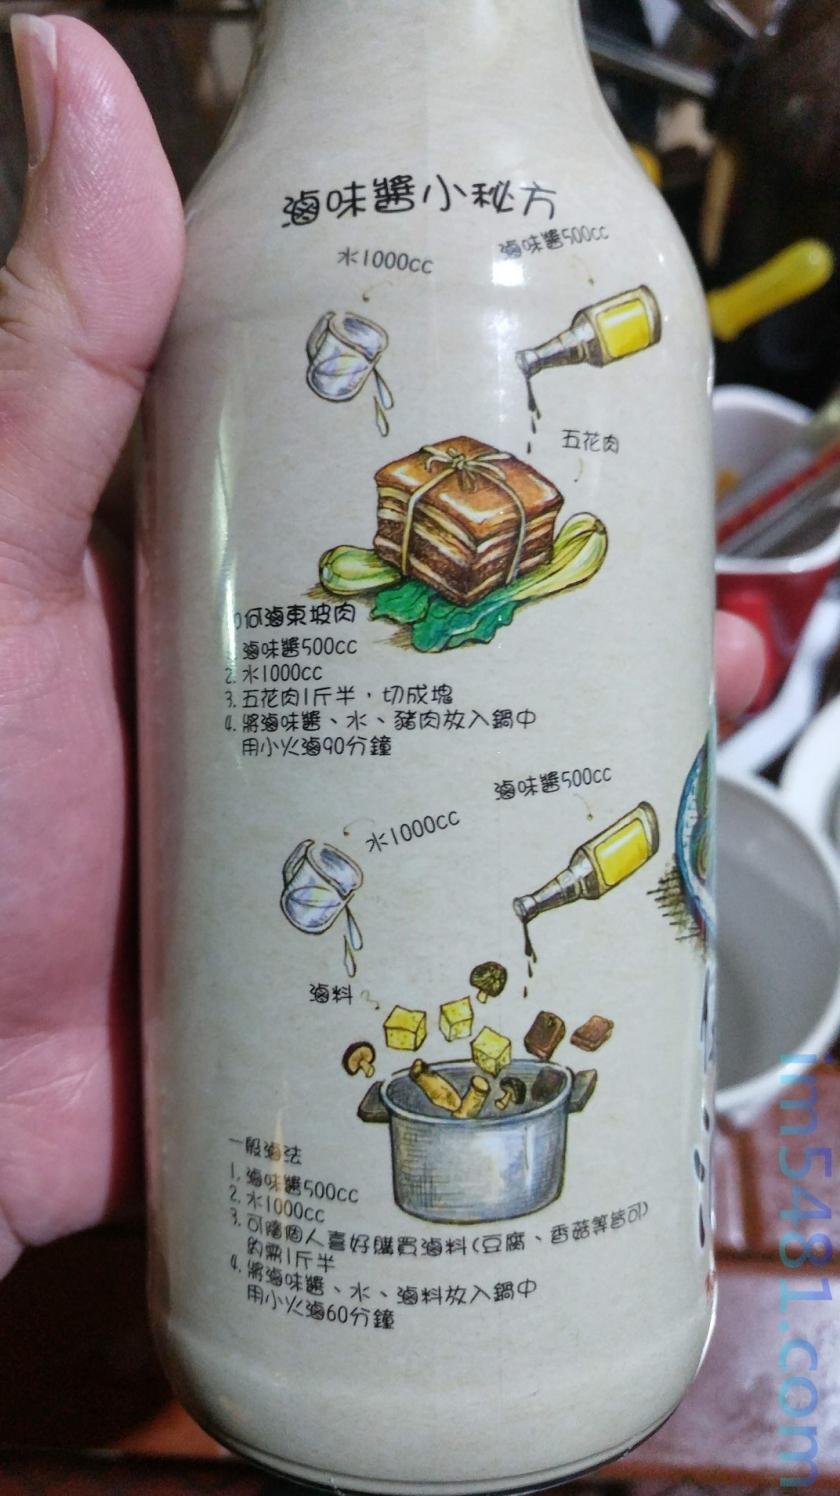 金蘭便利滷味醬的原廠建議使用方法